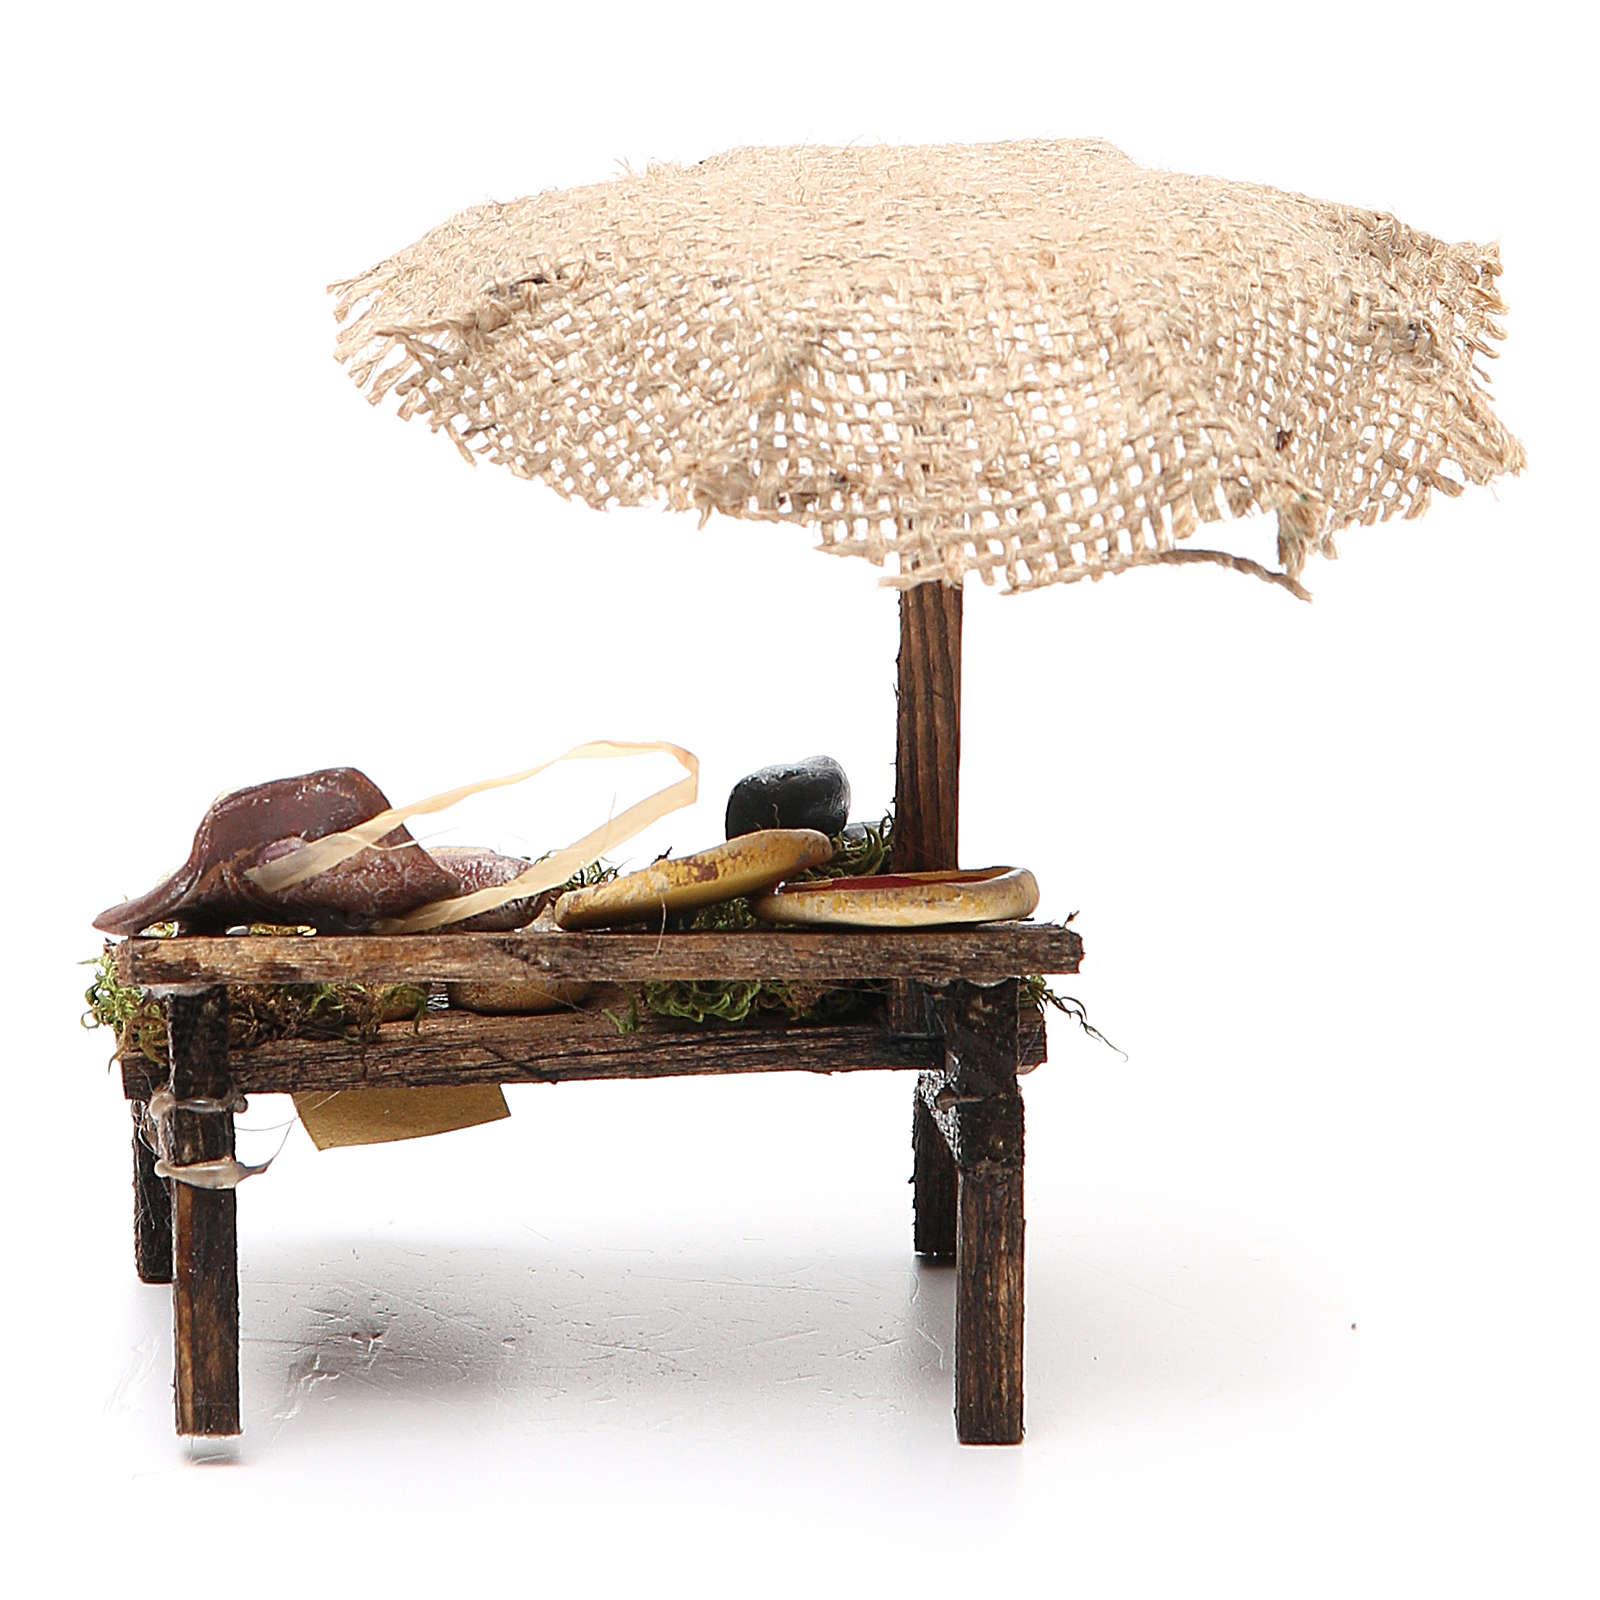 Banca presépio com chapéu-de-sol pizza queijo 12x10x12 cm 4